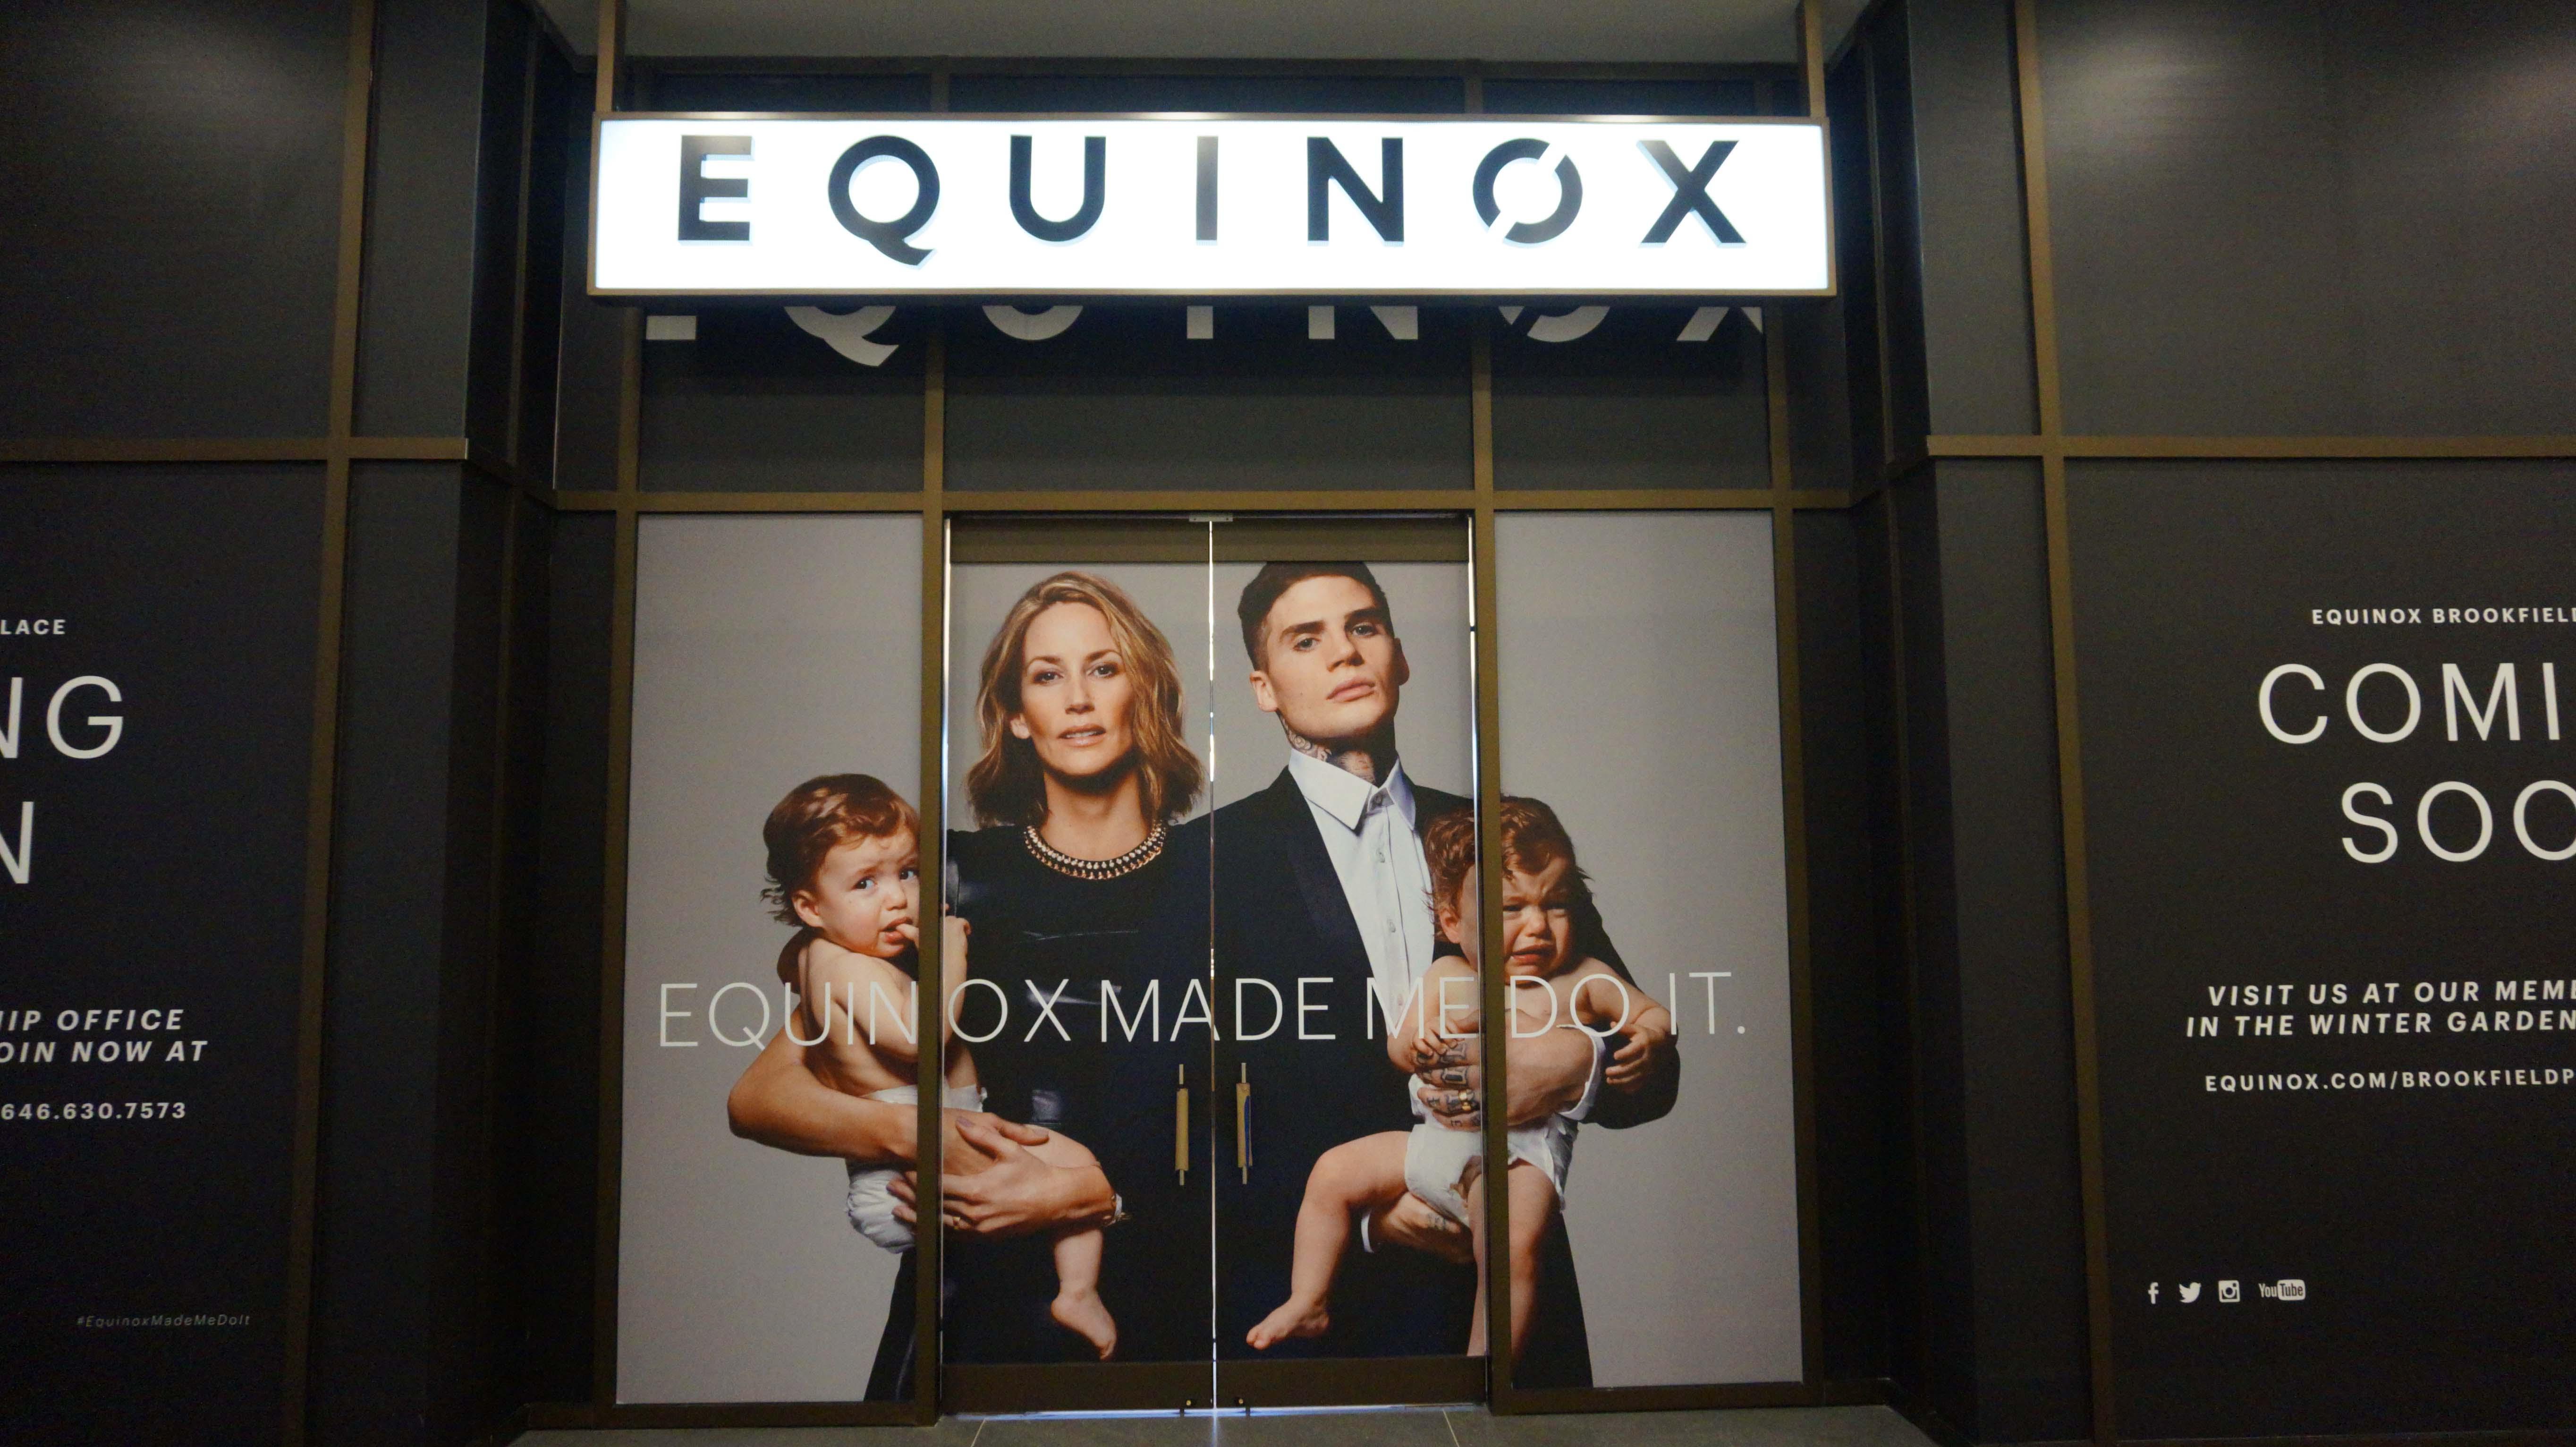 Equinox entrance 1-11-2015